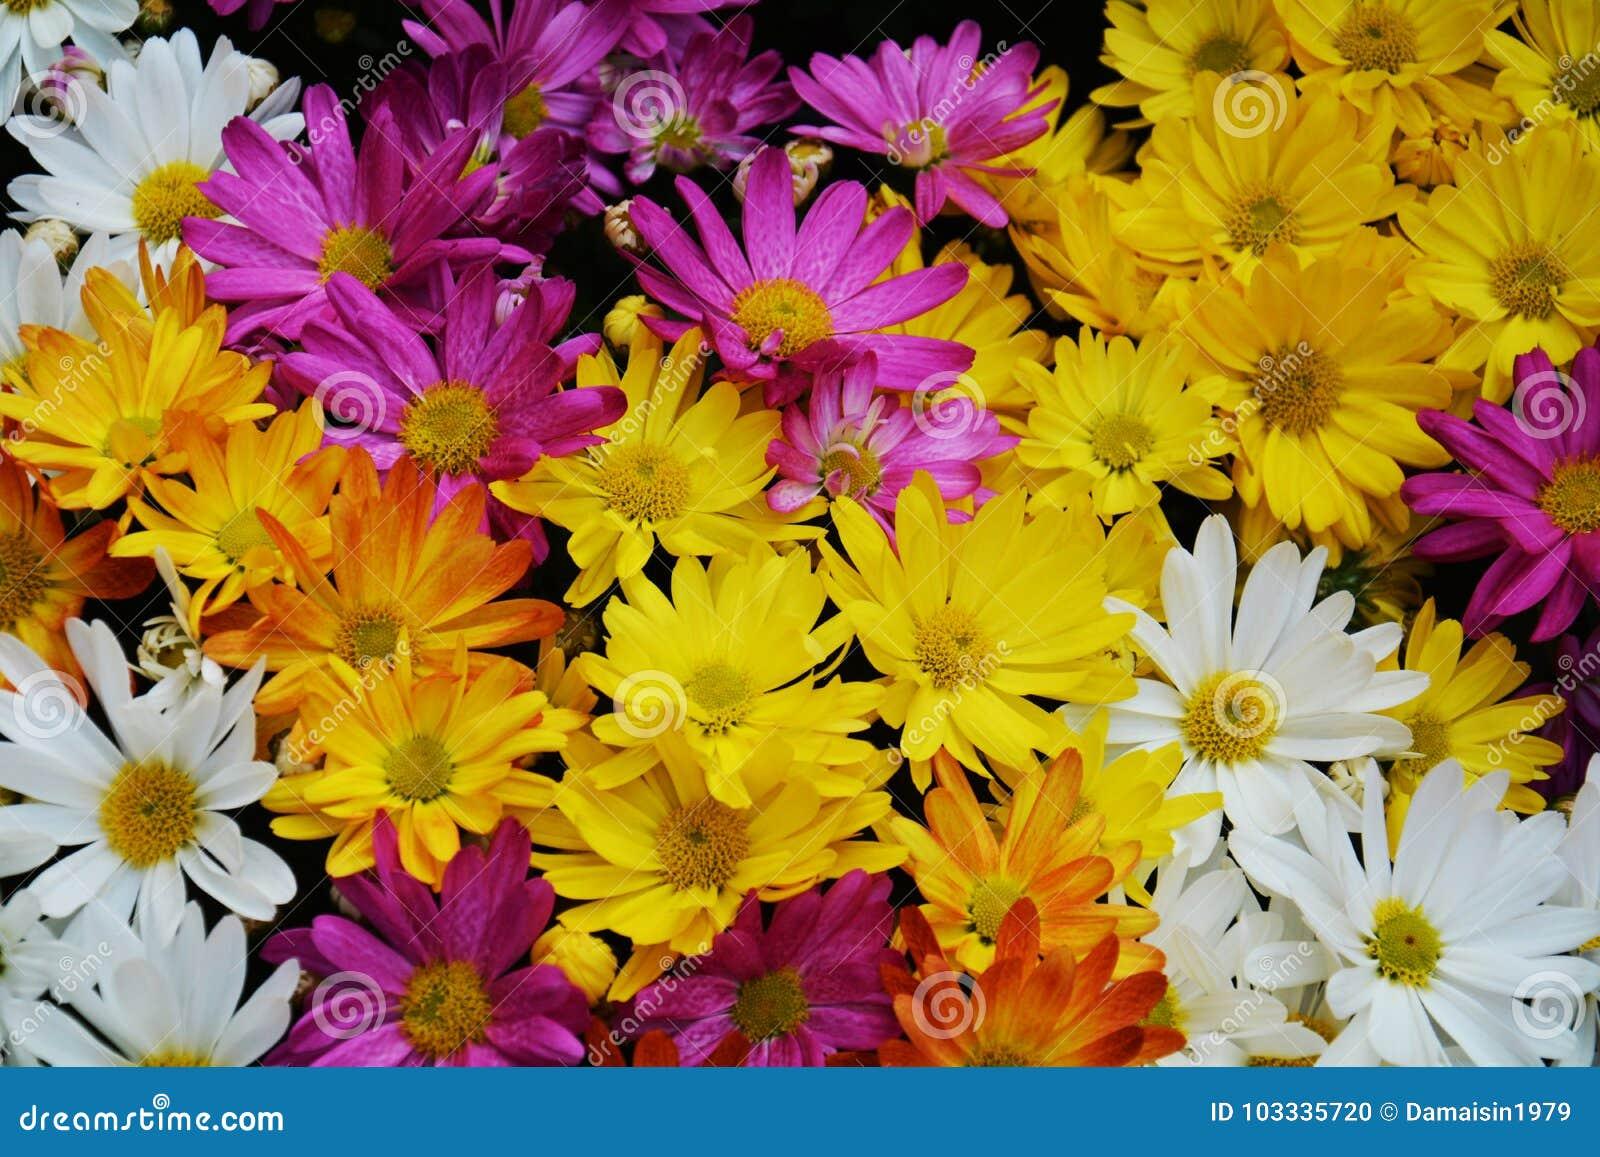 Fiori Gialli E Arancioni.Petali Della Viola Bianca E Fiori Giallo Arancione Vivi Sfondo